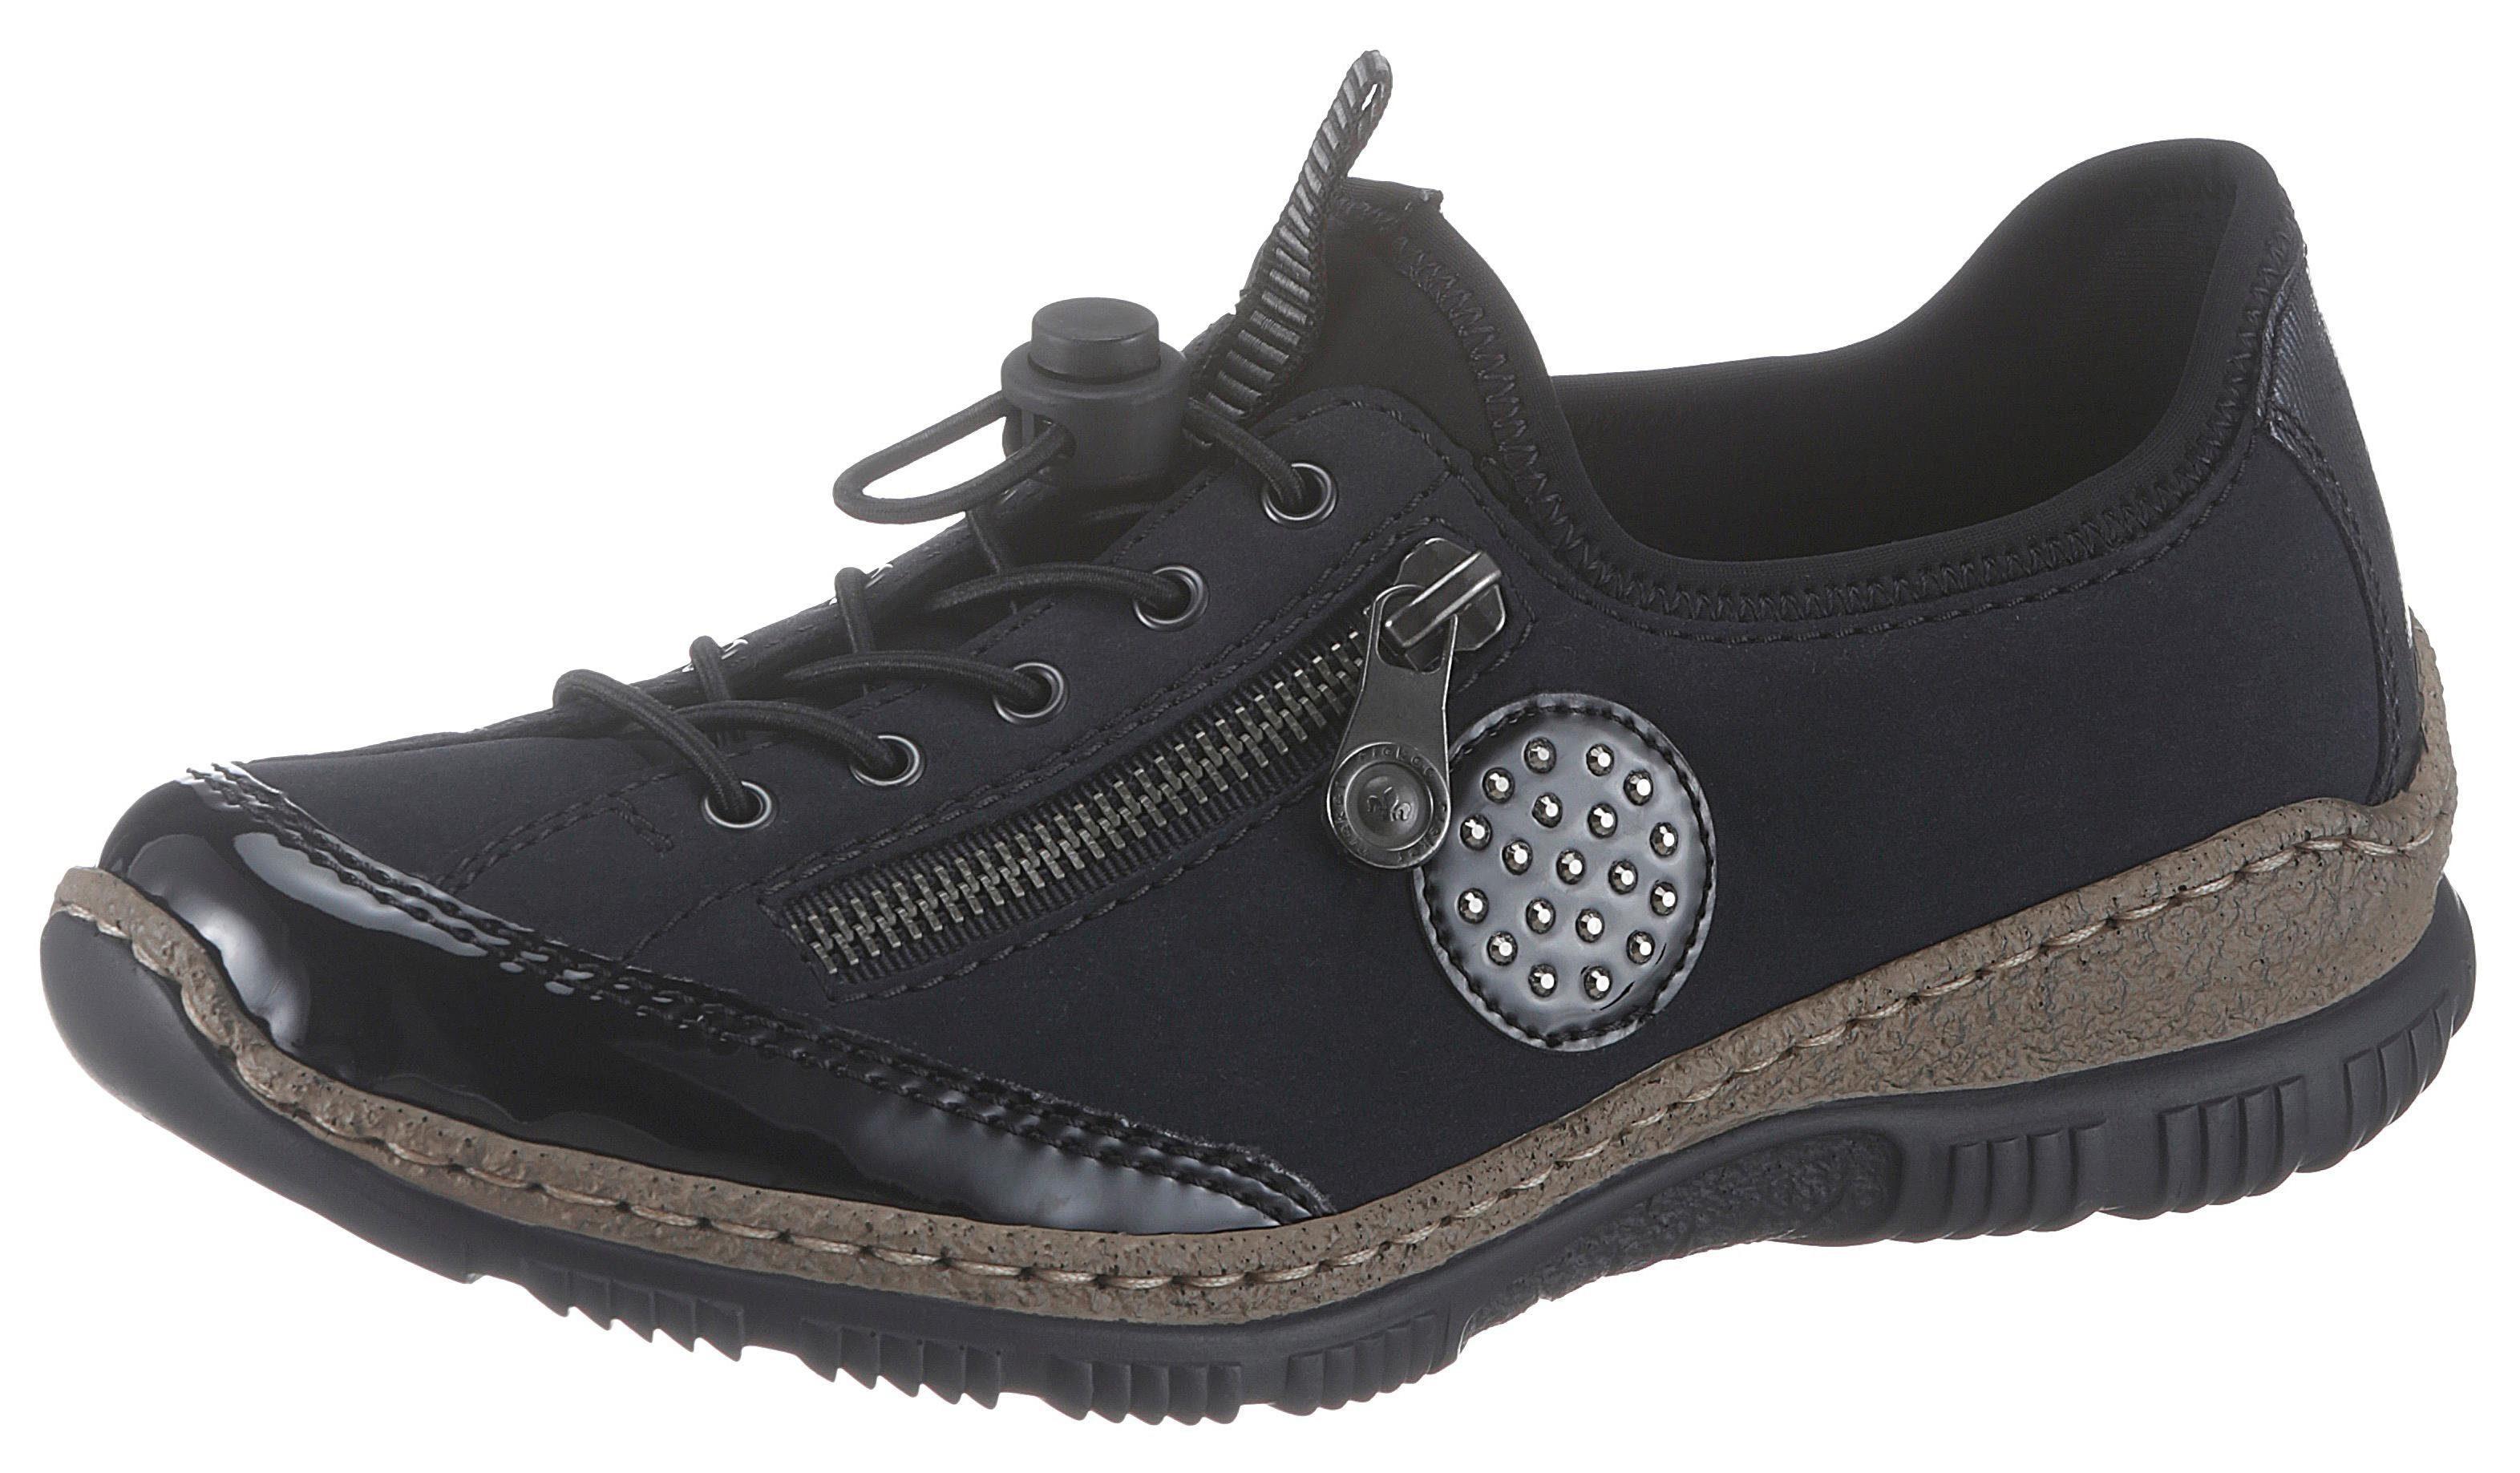 Schoenen online kopen? Kies uit ruim 8590 damesschoenen   OTTO